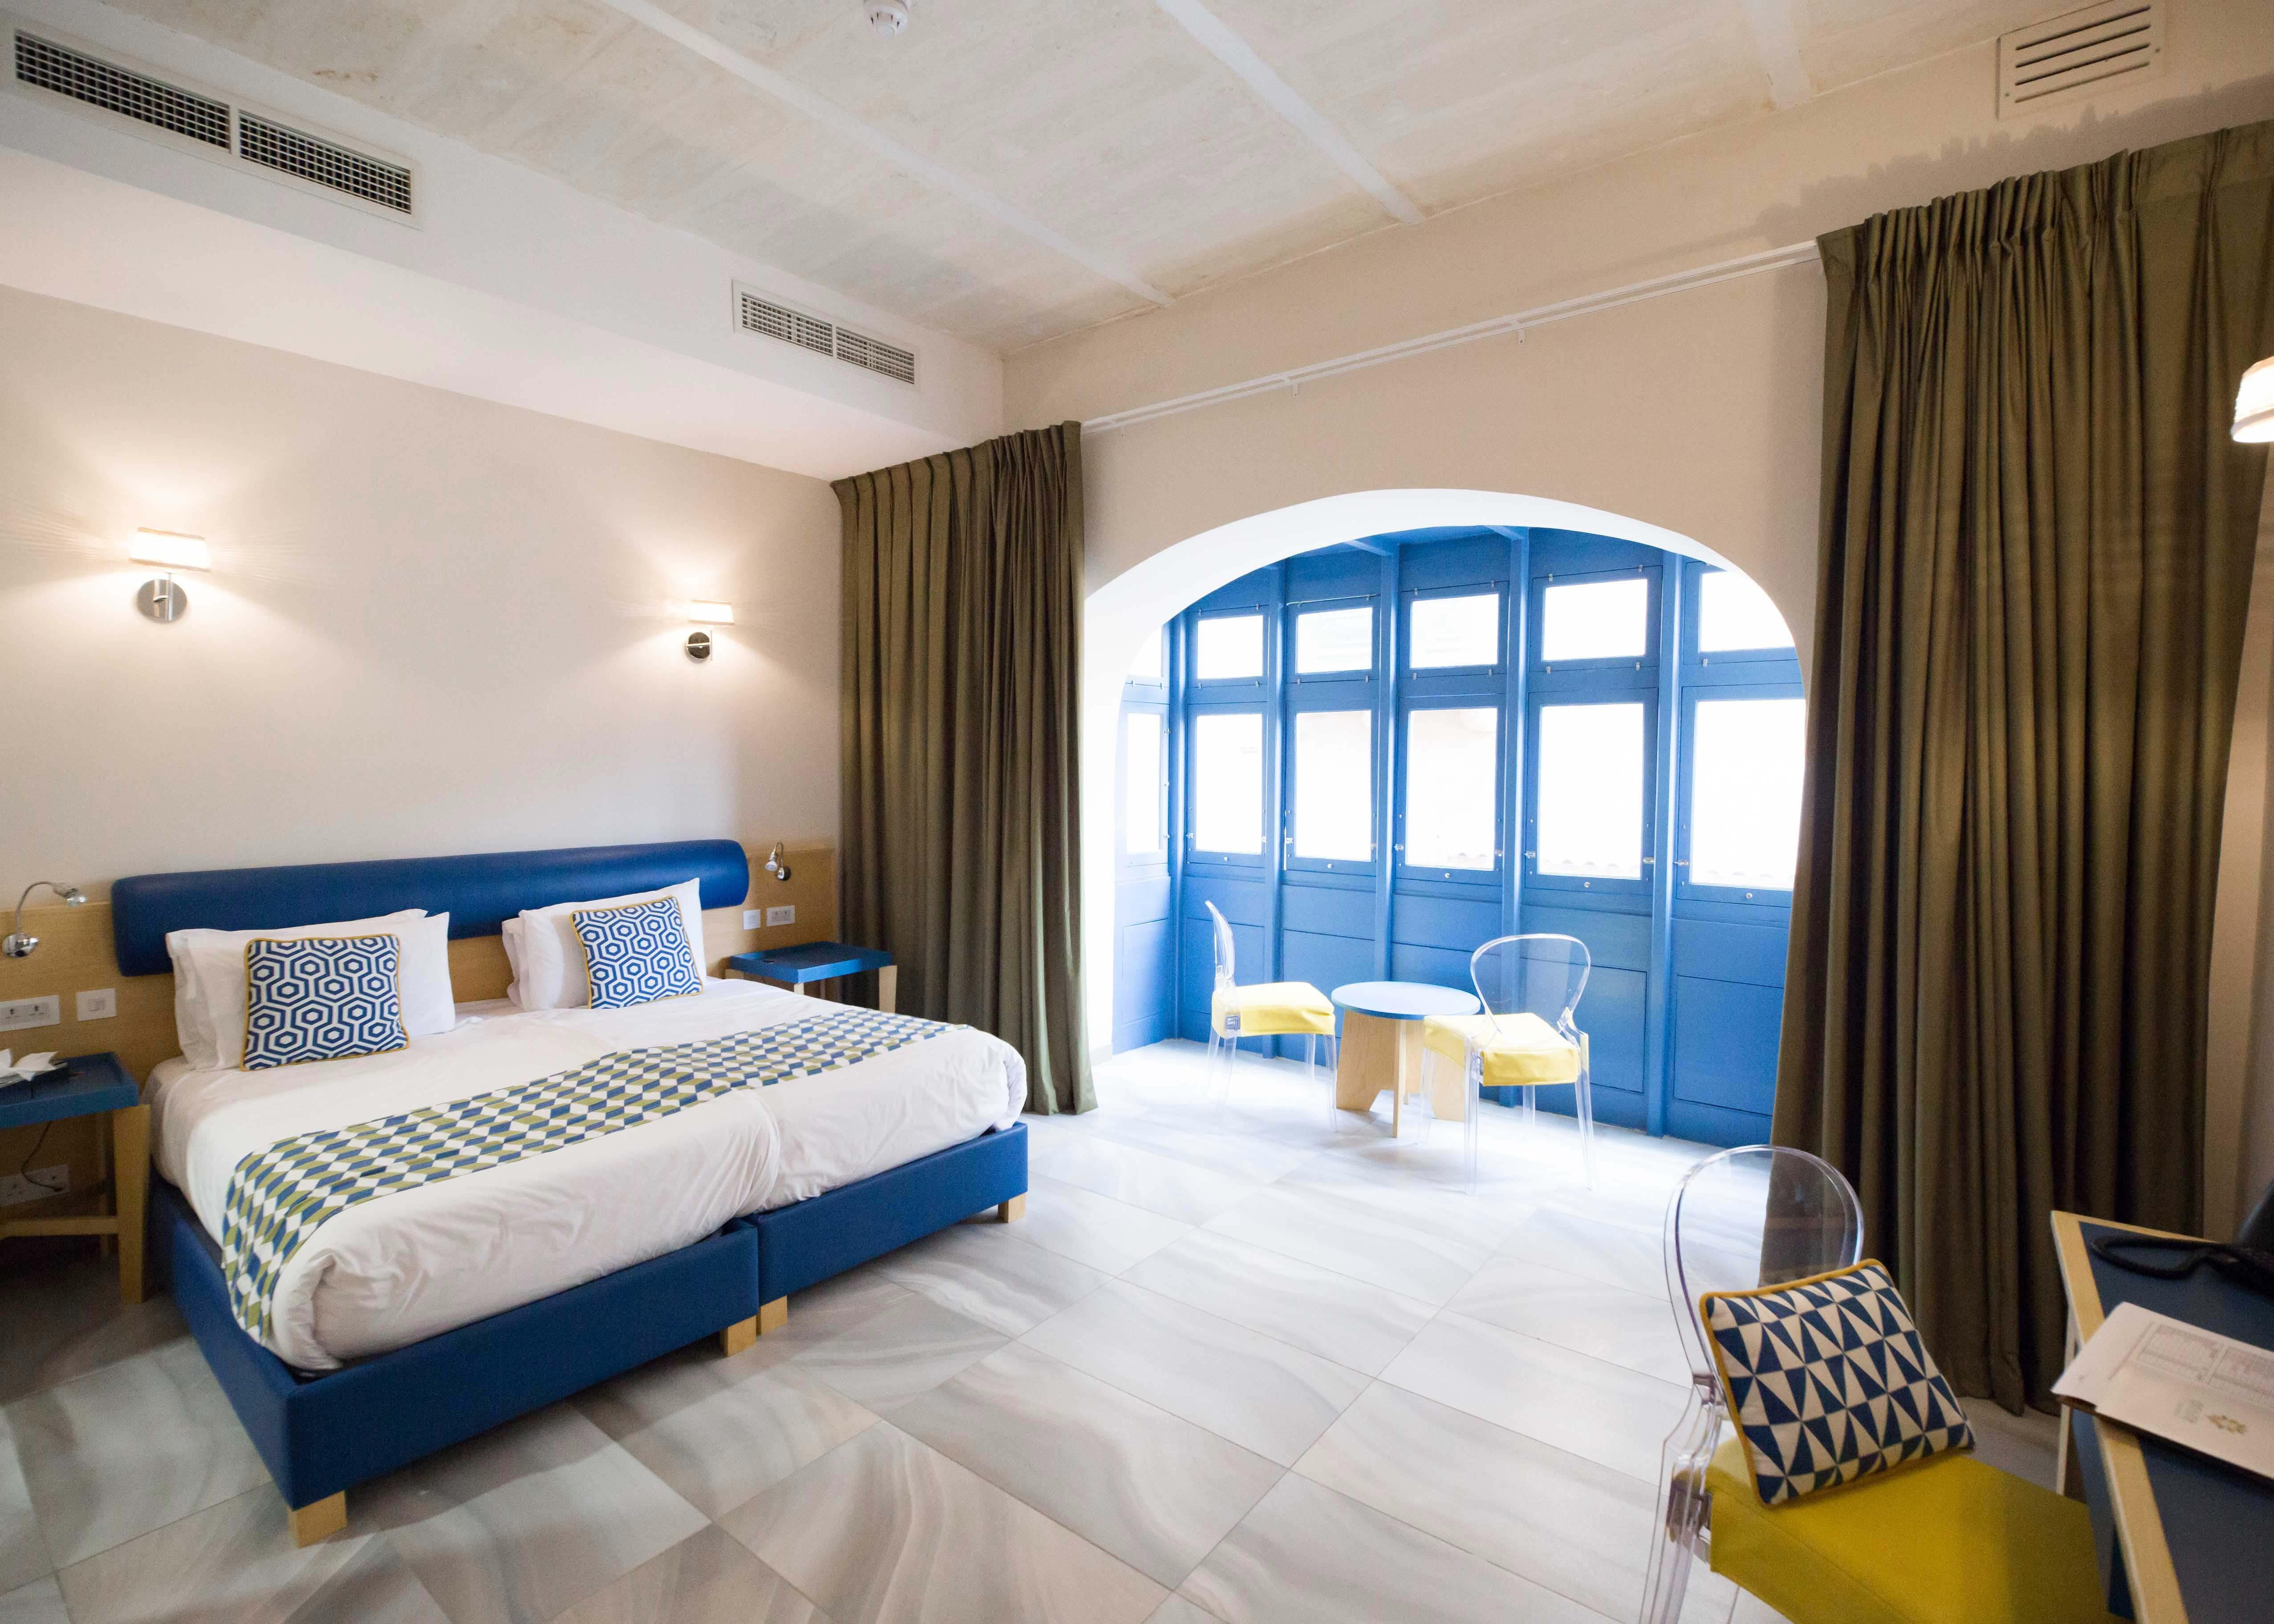 Deluxe room đánh giá, khách sạn tốt nhất ở Valletta